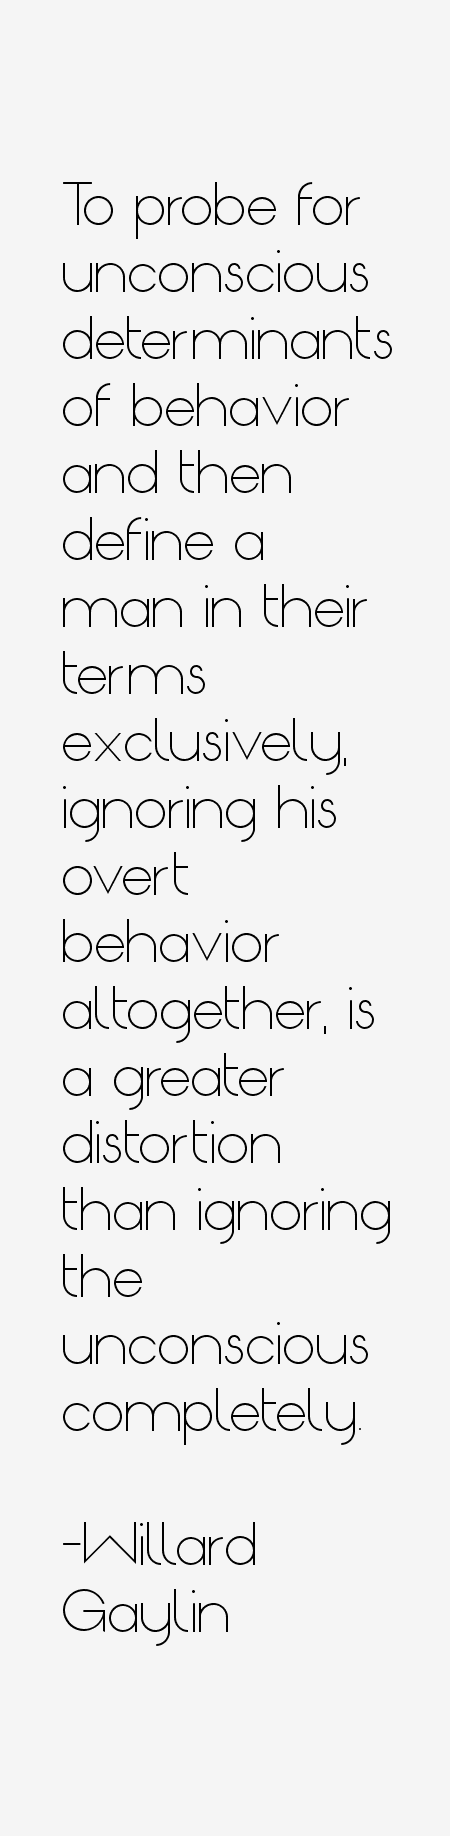 Willard Gaylin Quotes